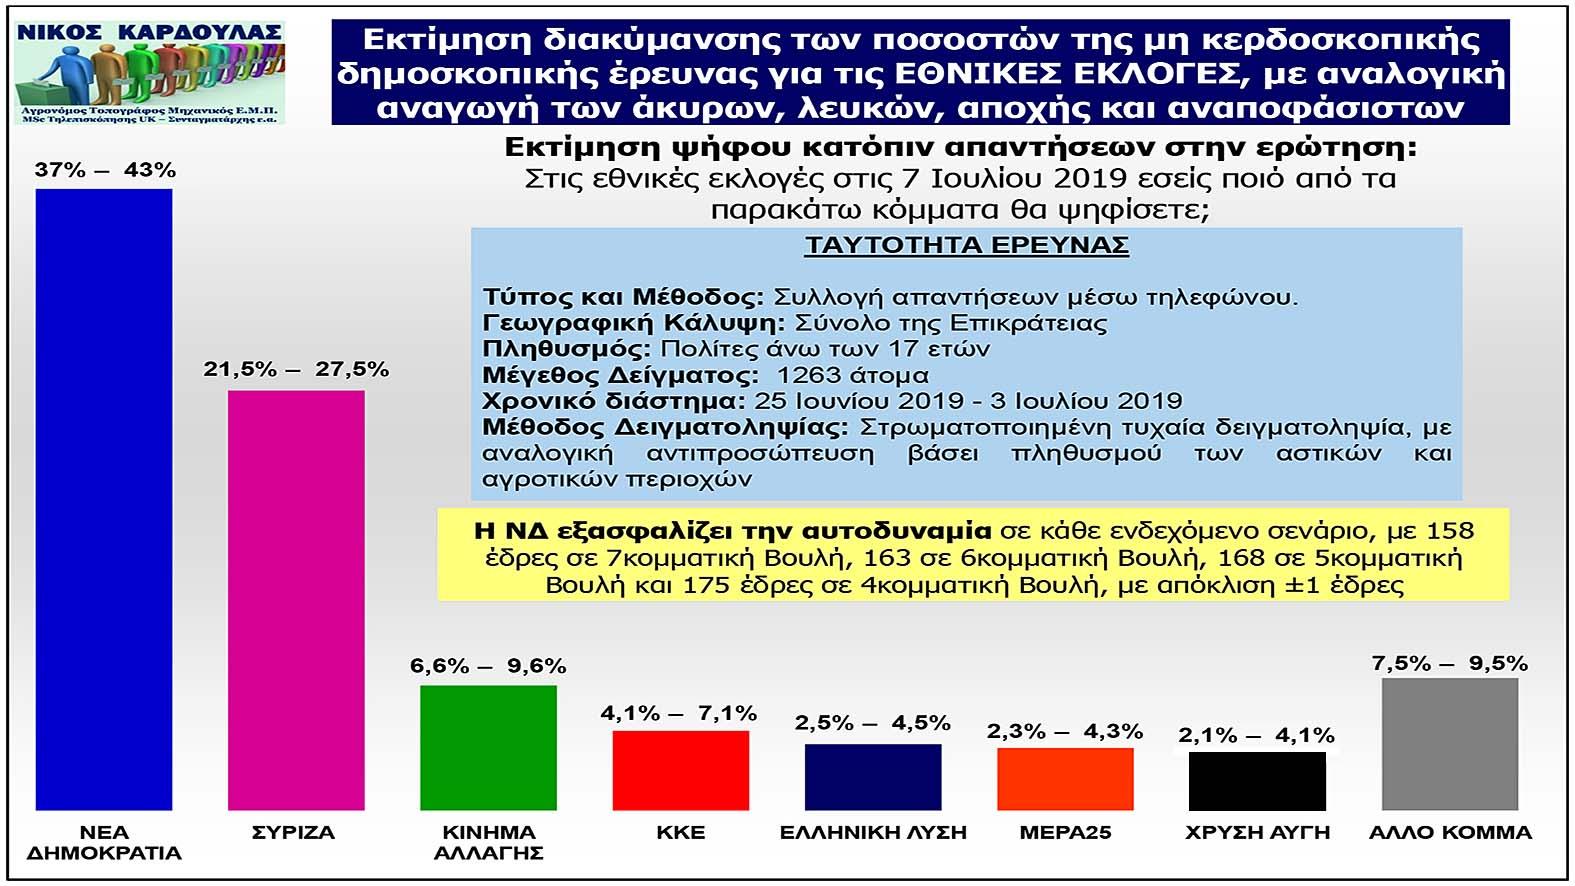 Νίκος Καρδούλας: Μη κερδοσκοπική δημοσκόπηση για τις Εθνικές Εκλογές στις 7 Ιουλίου